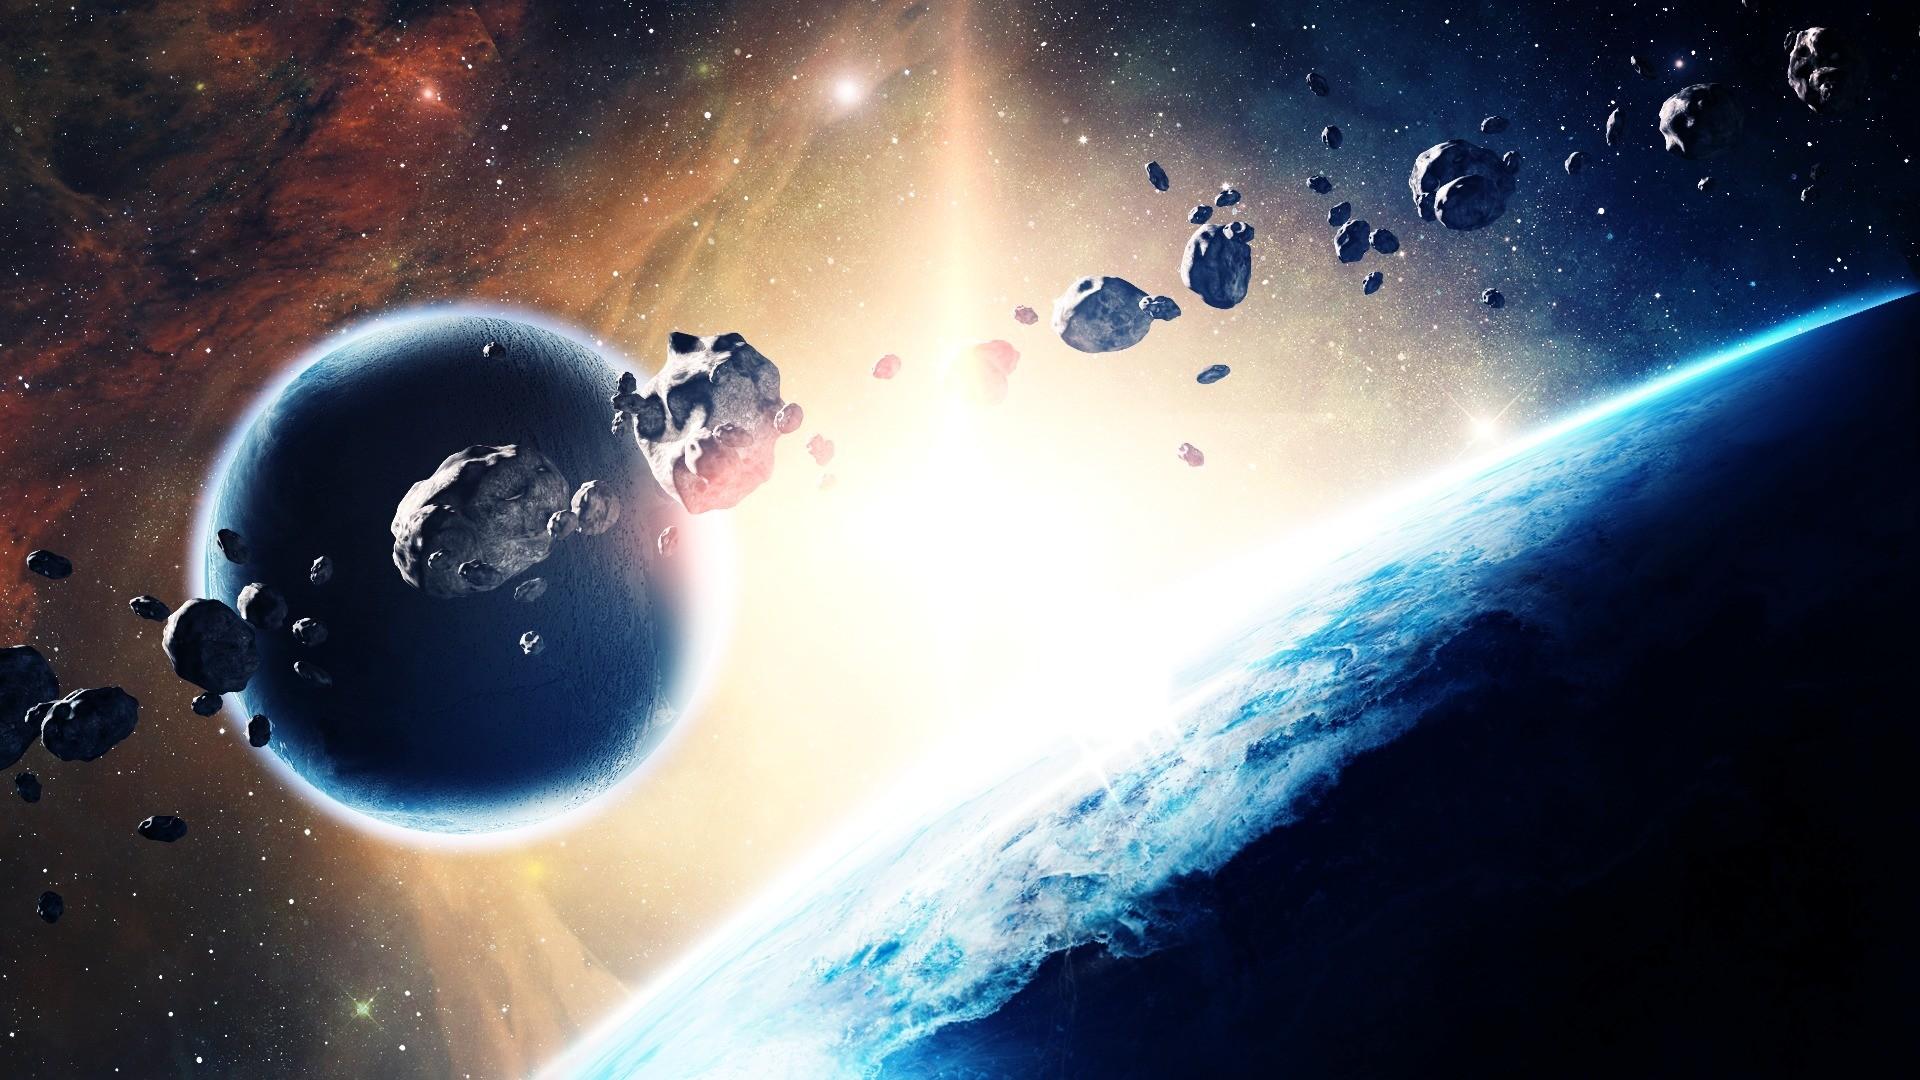 Fond D Ecran Planete Espace Vehicule Terre Atmosphere Univers Astronomie Capture D Ecran Papier Peint De L Ordinateur Atmosphere De La Terre Cosmos Objet Astronomique 1920x1080 Thorragnarok 23897 Fond D Ecran Wallhere